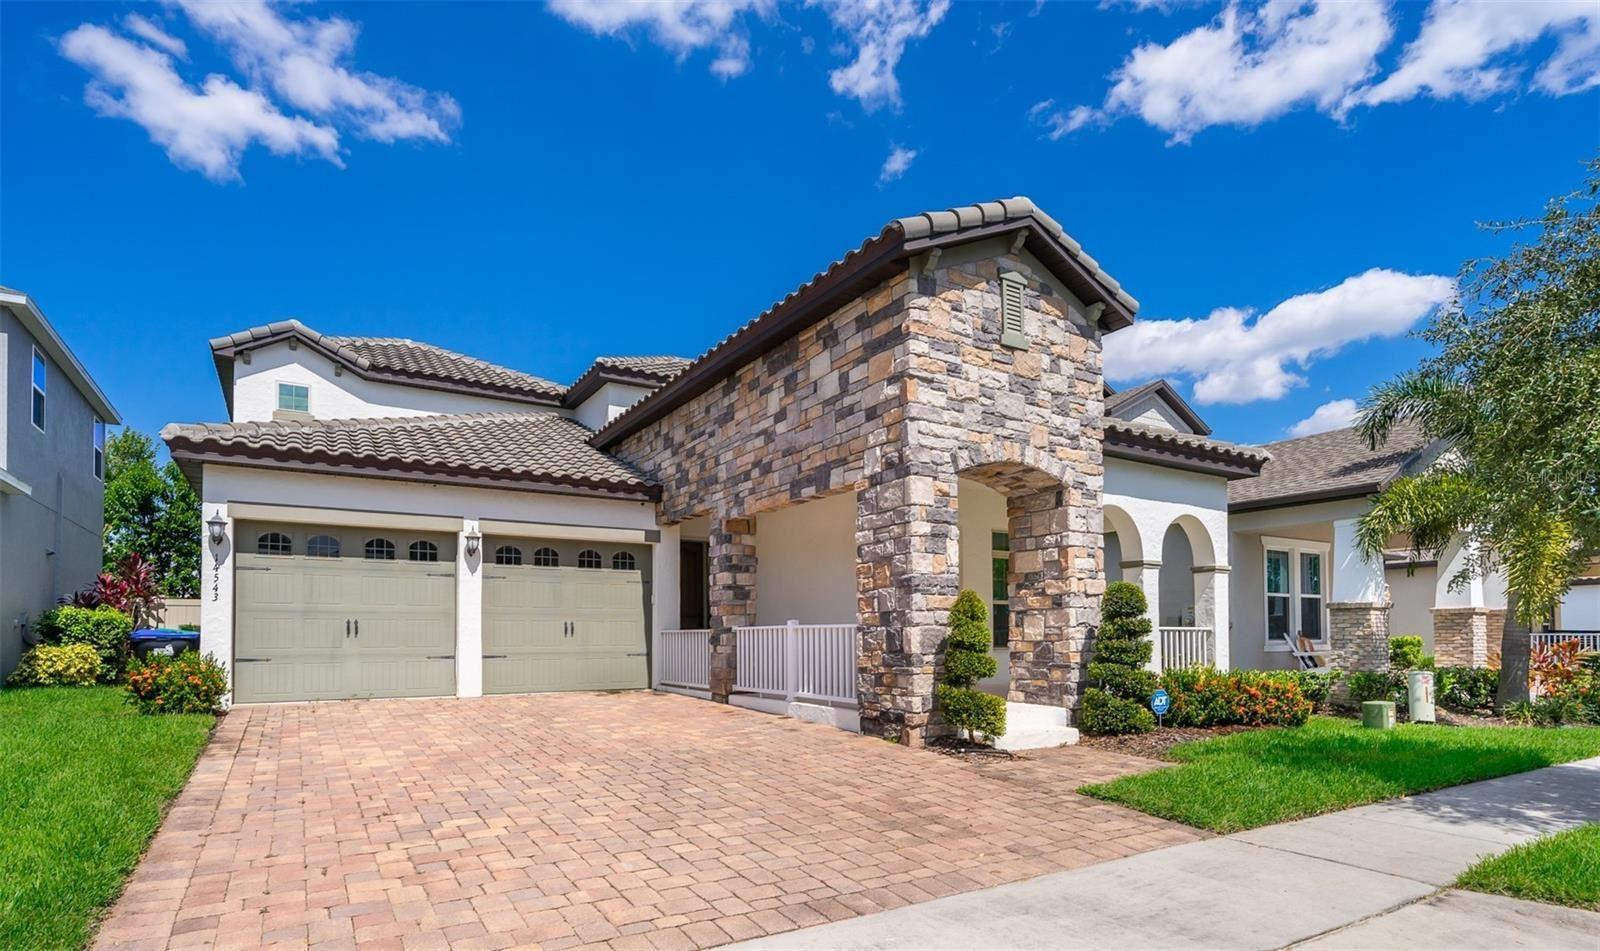 14543 WINTER STAY DRIVE, Winter Garden, FL 34787 - MLS#: O5976468